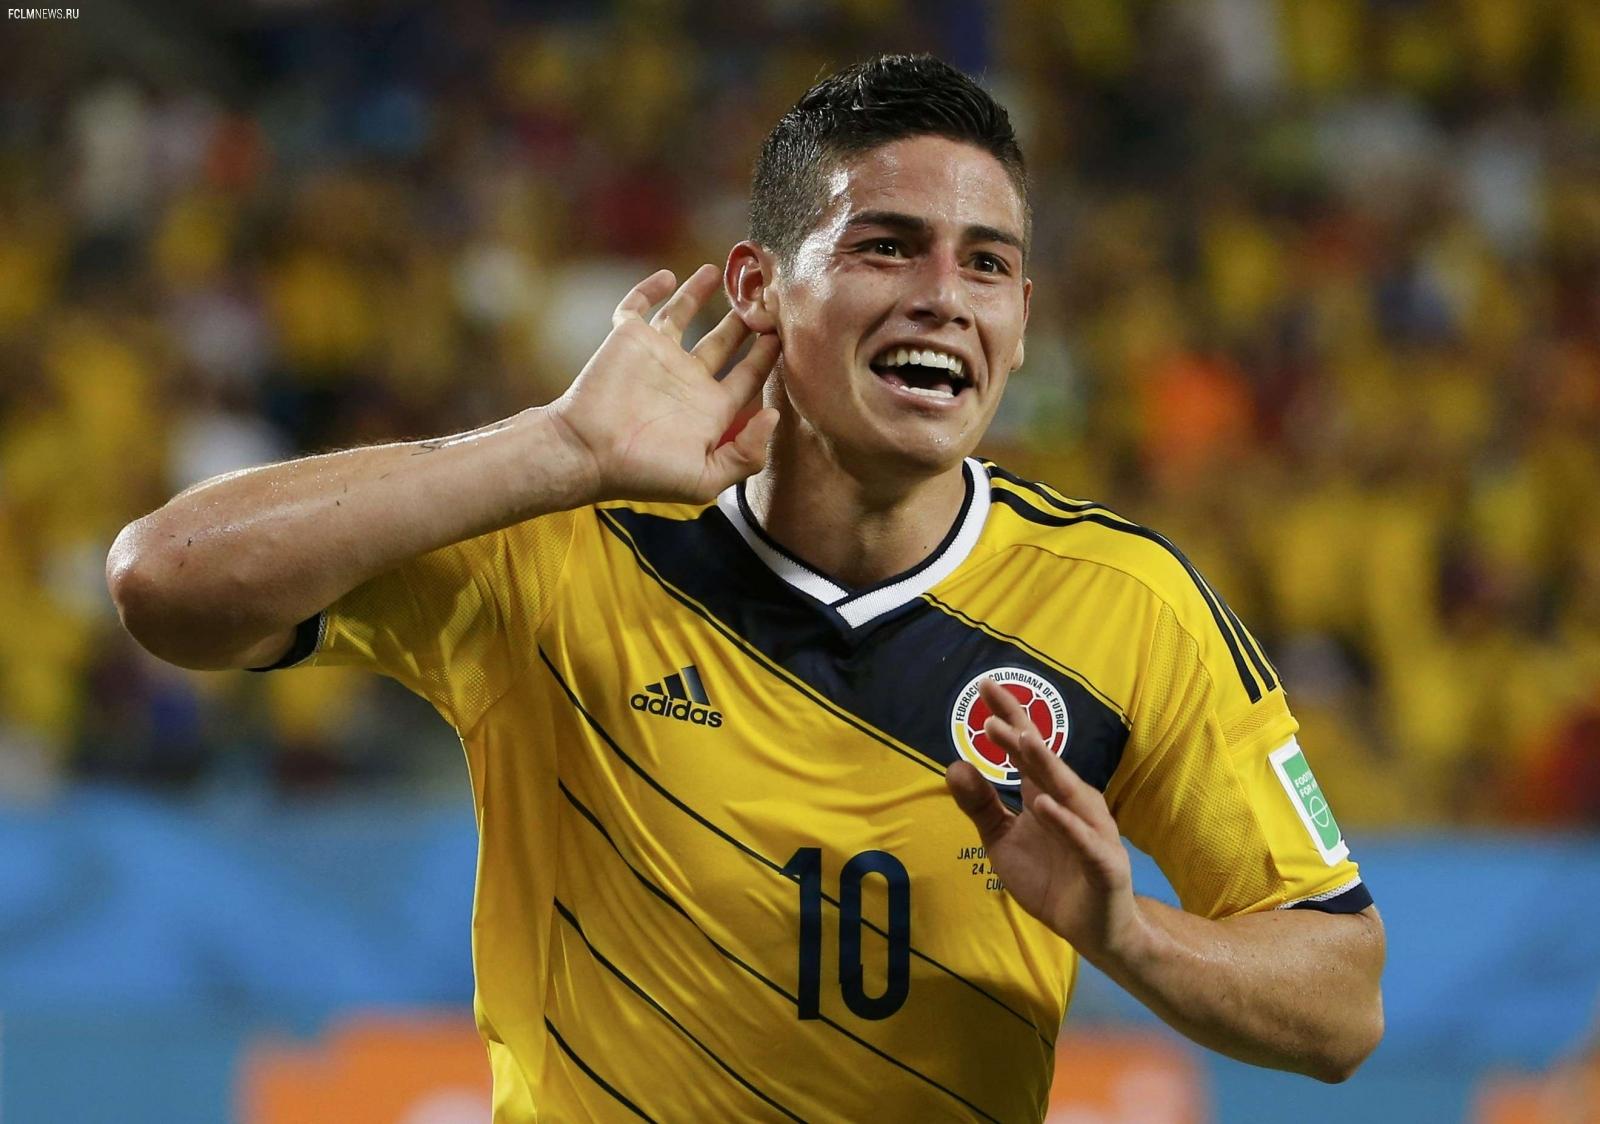 Колумбия - Уругвай. Почему победит...?